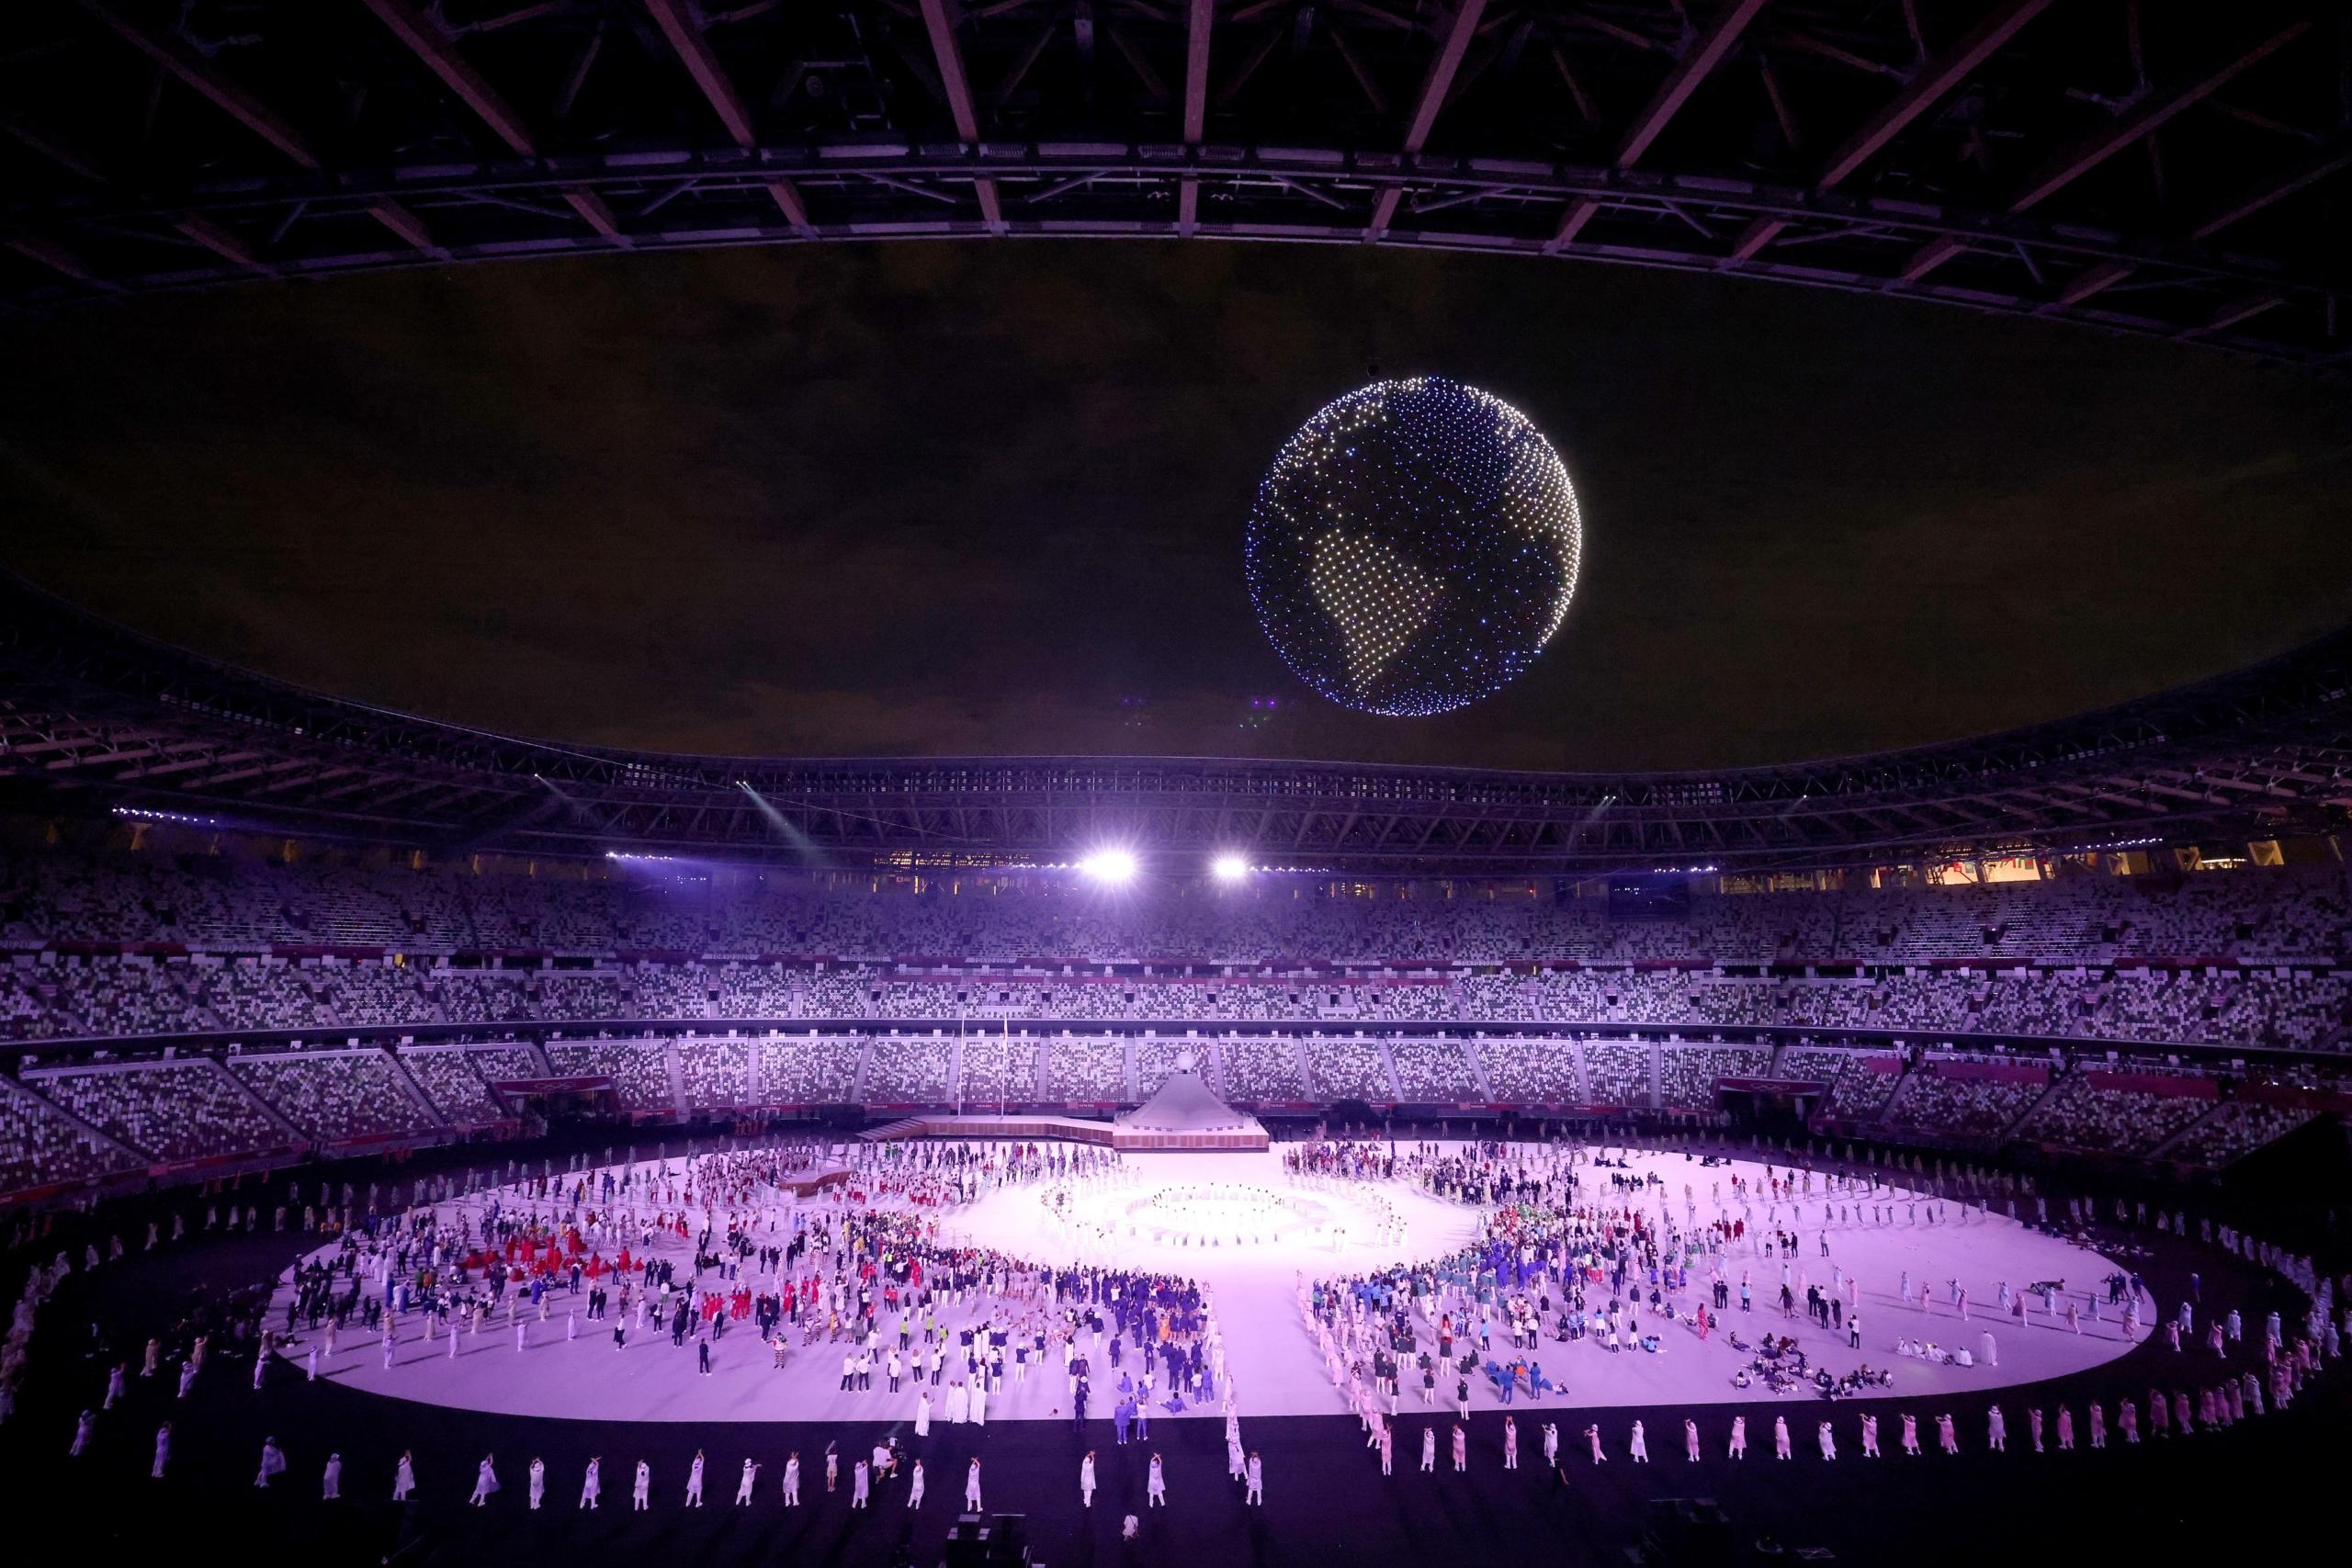 超美! 1824 無人機空中組成旋轉發光地球賀東奧開幕